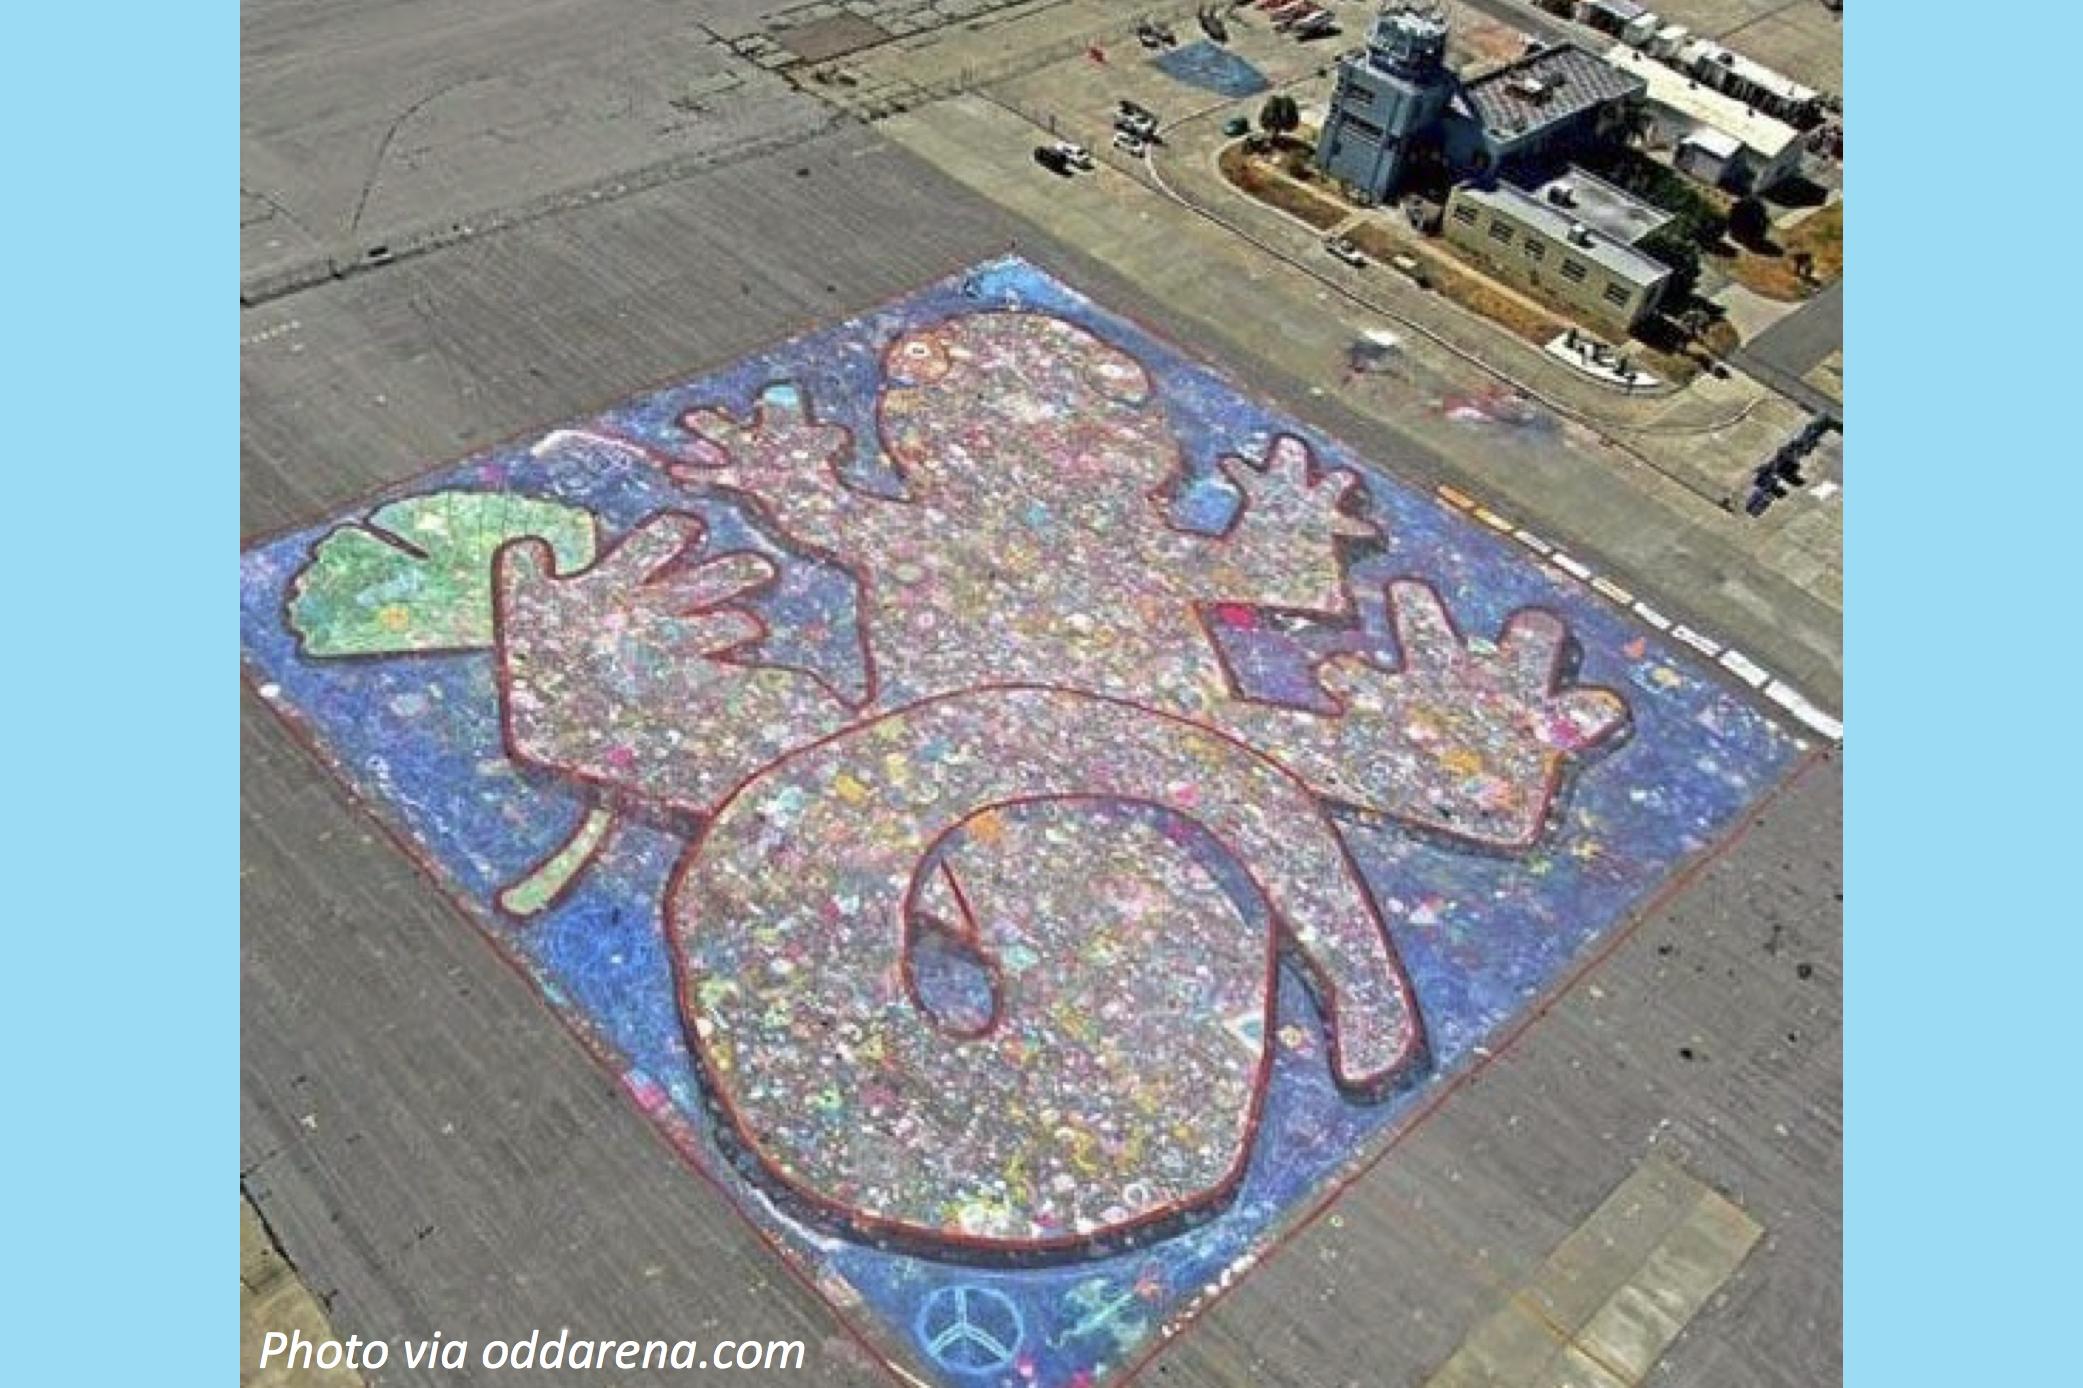 Chalk Art Gone Wild